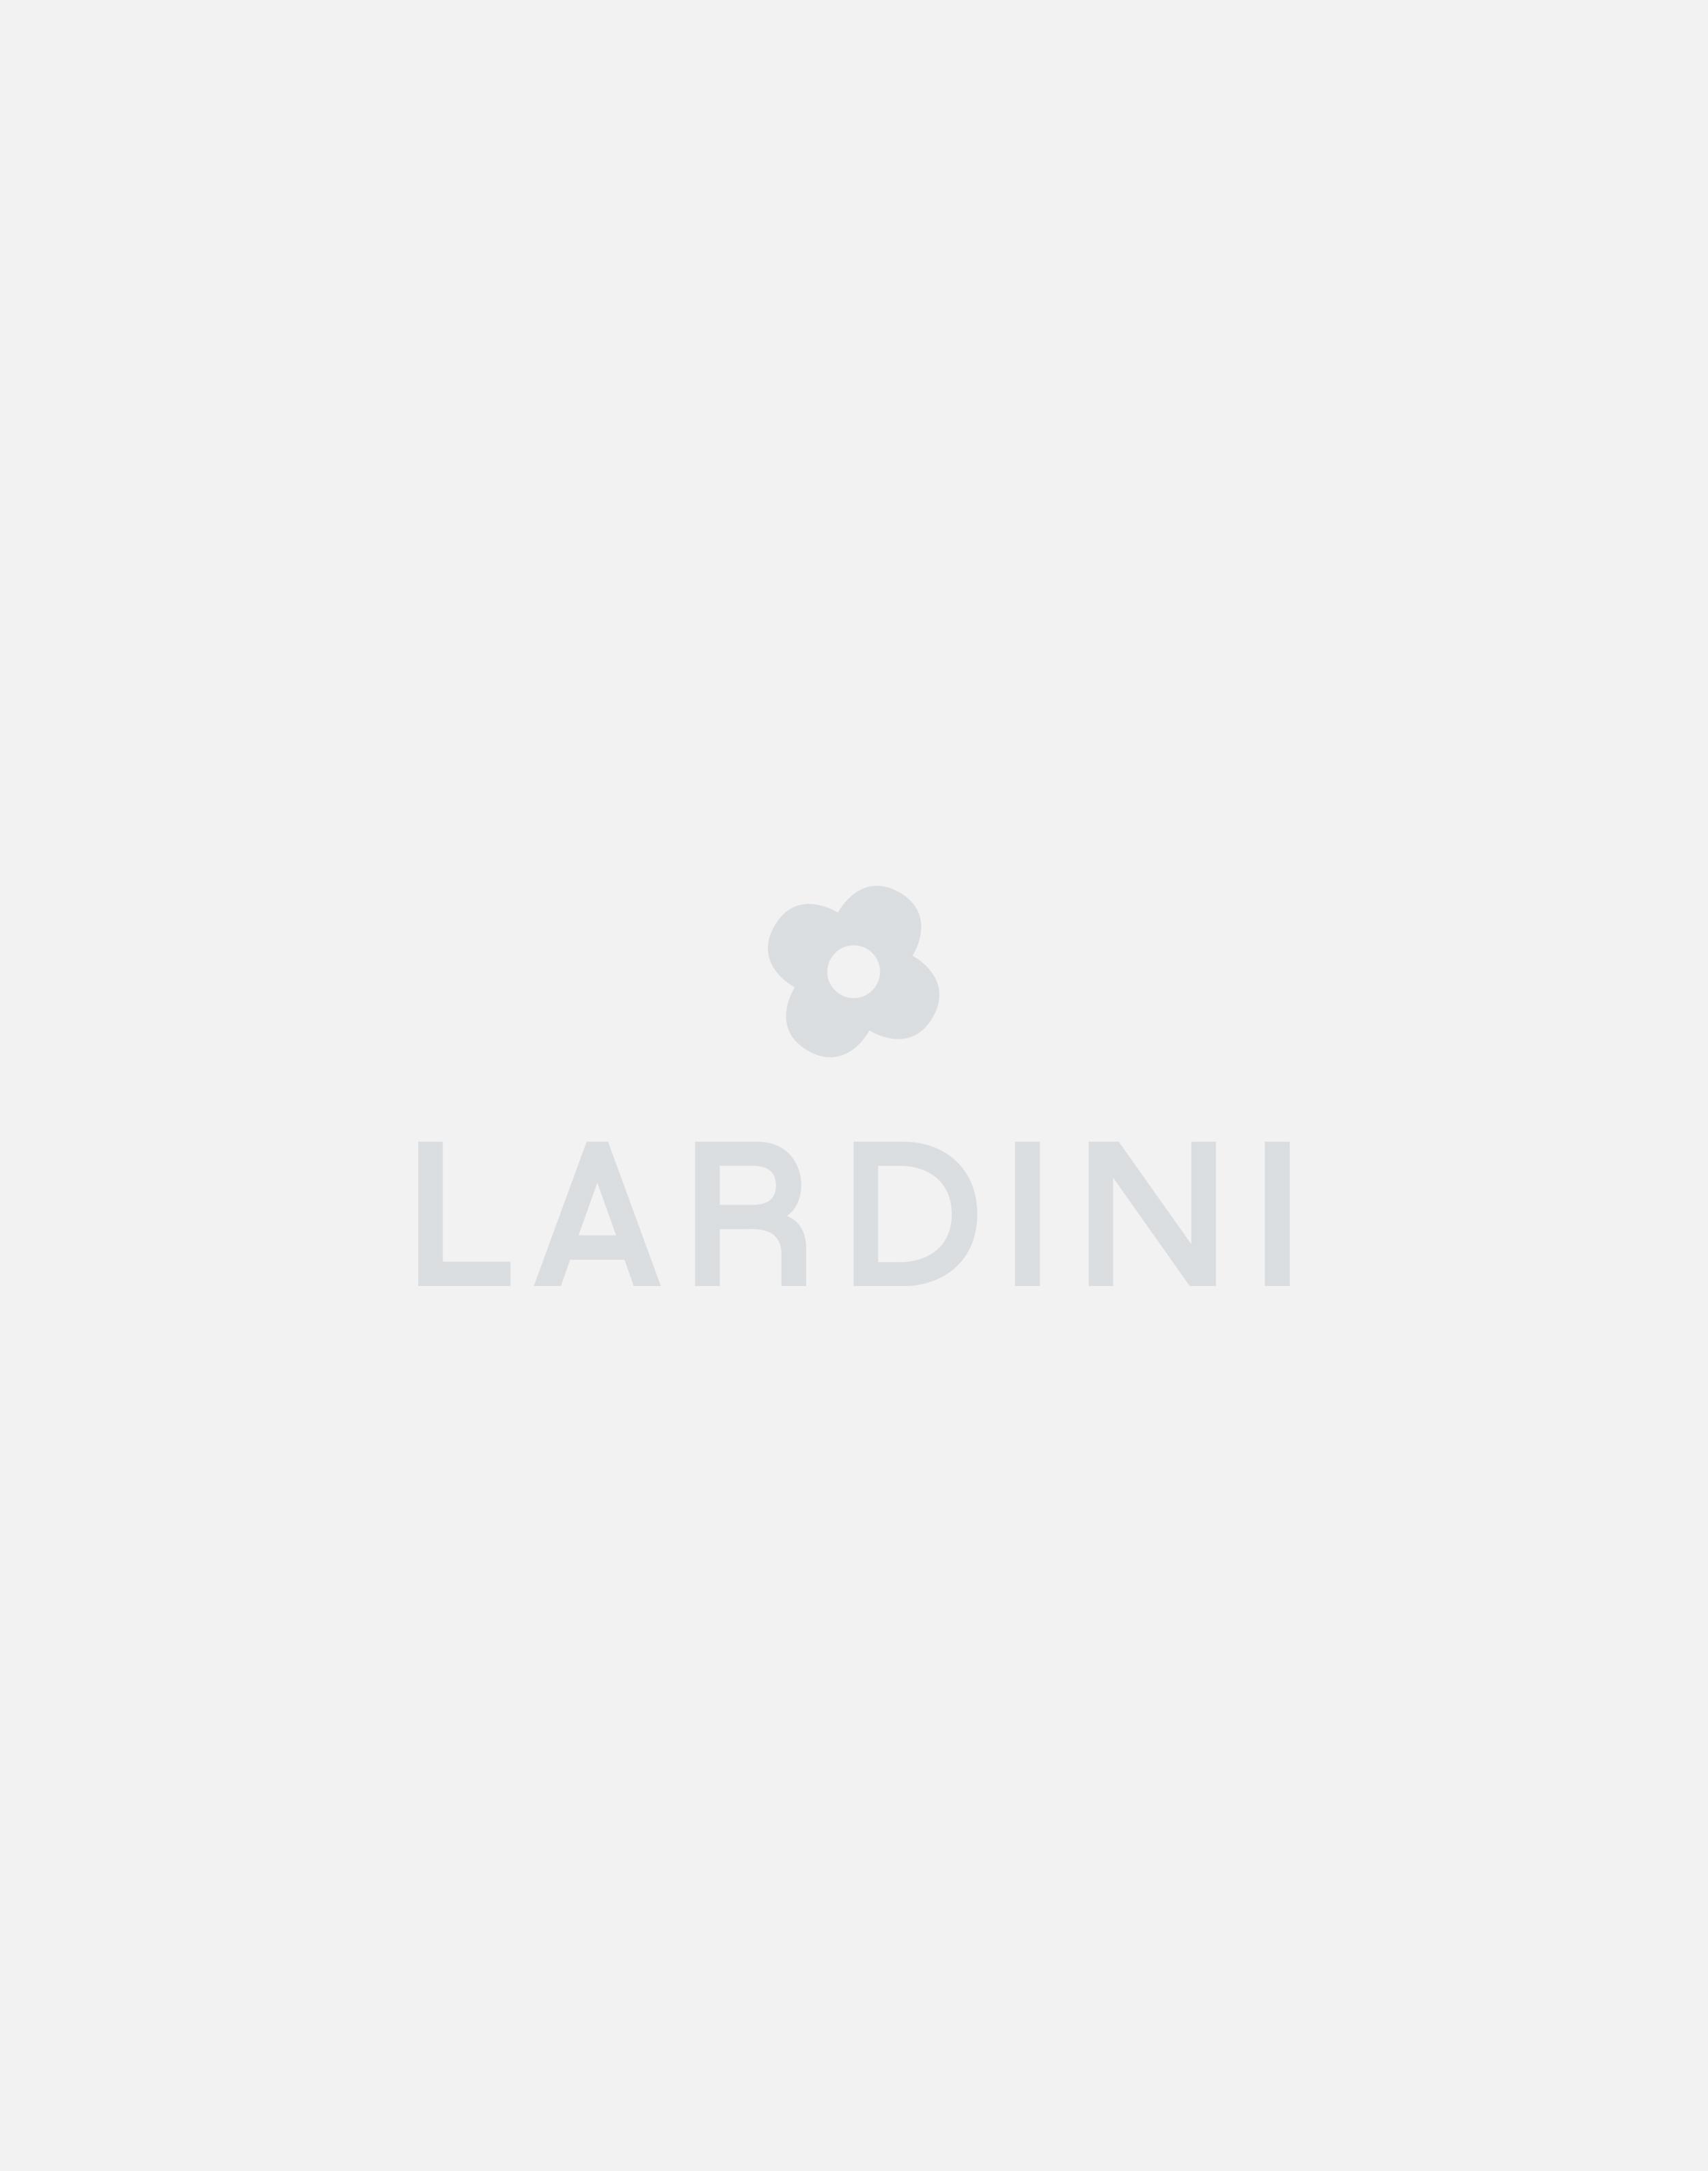 Striped blazer - Lardini Sartoria